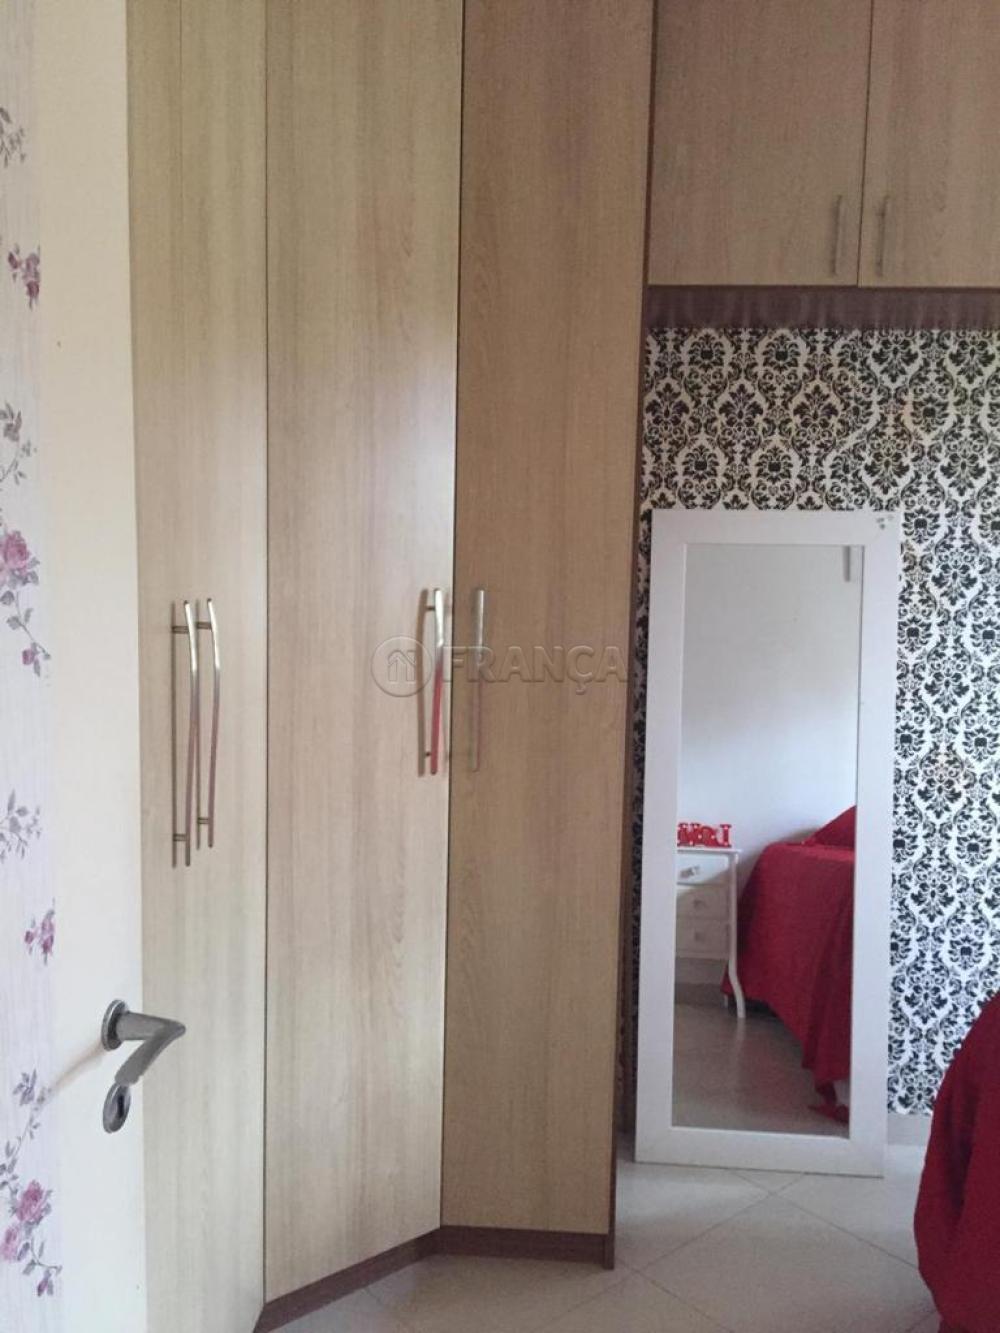 Comprar Casa / Condomínio em Jacareí R$ 540.600,00 - Foto 10